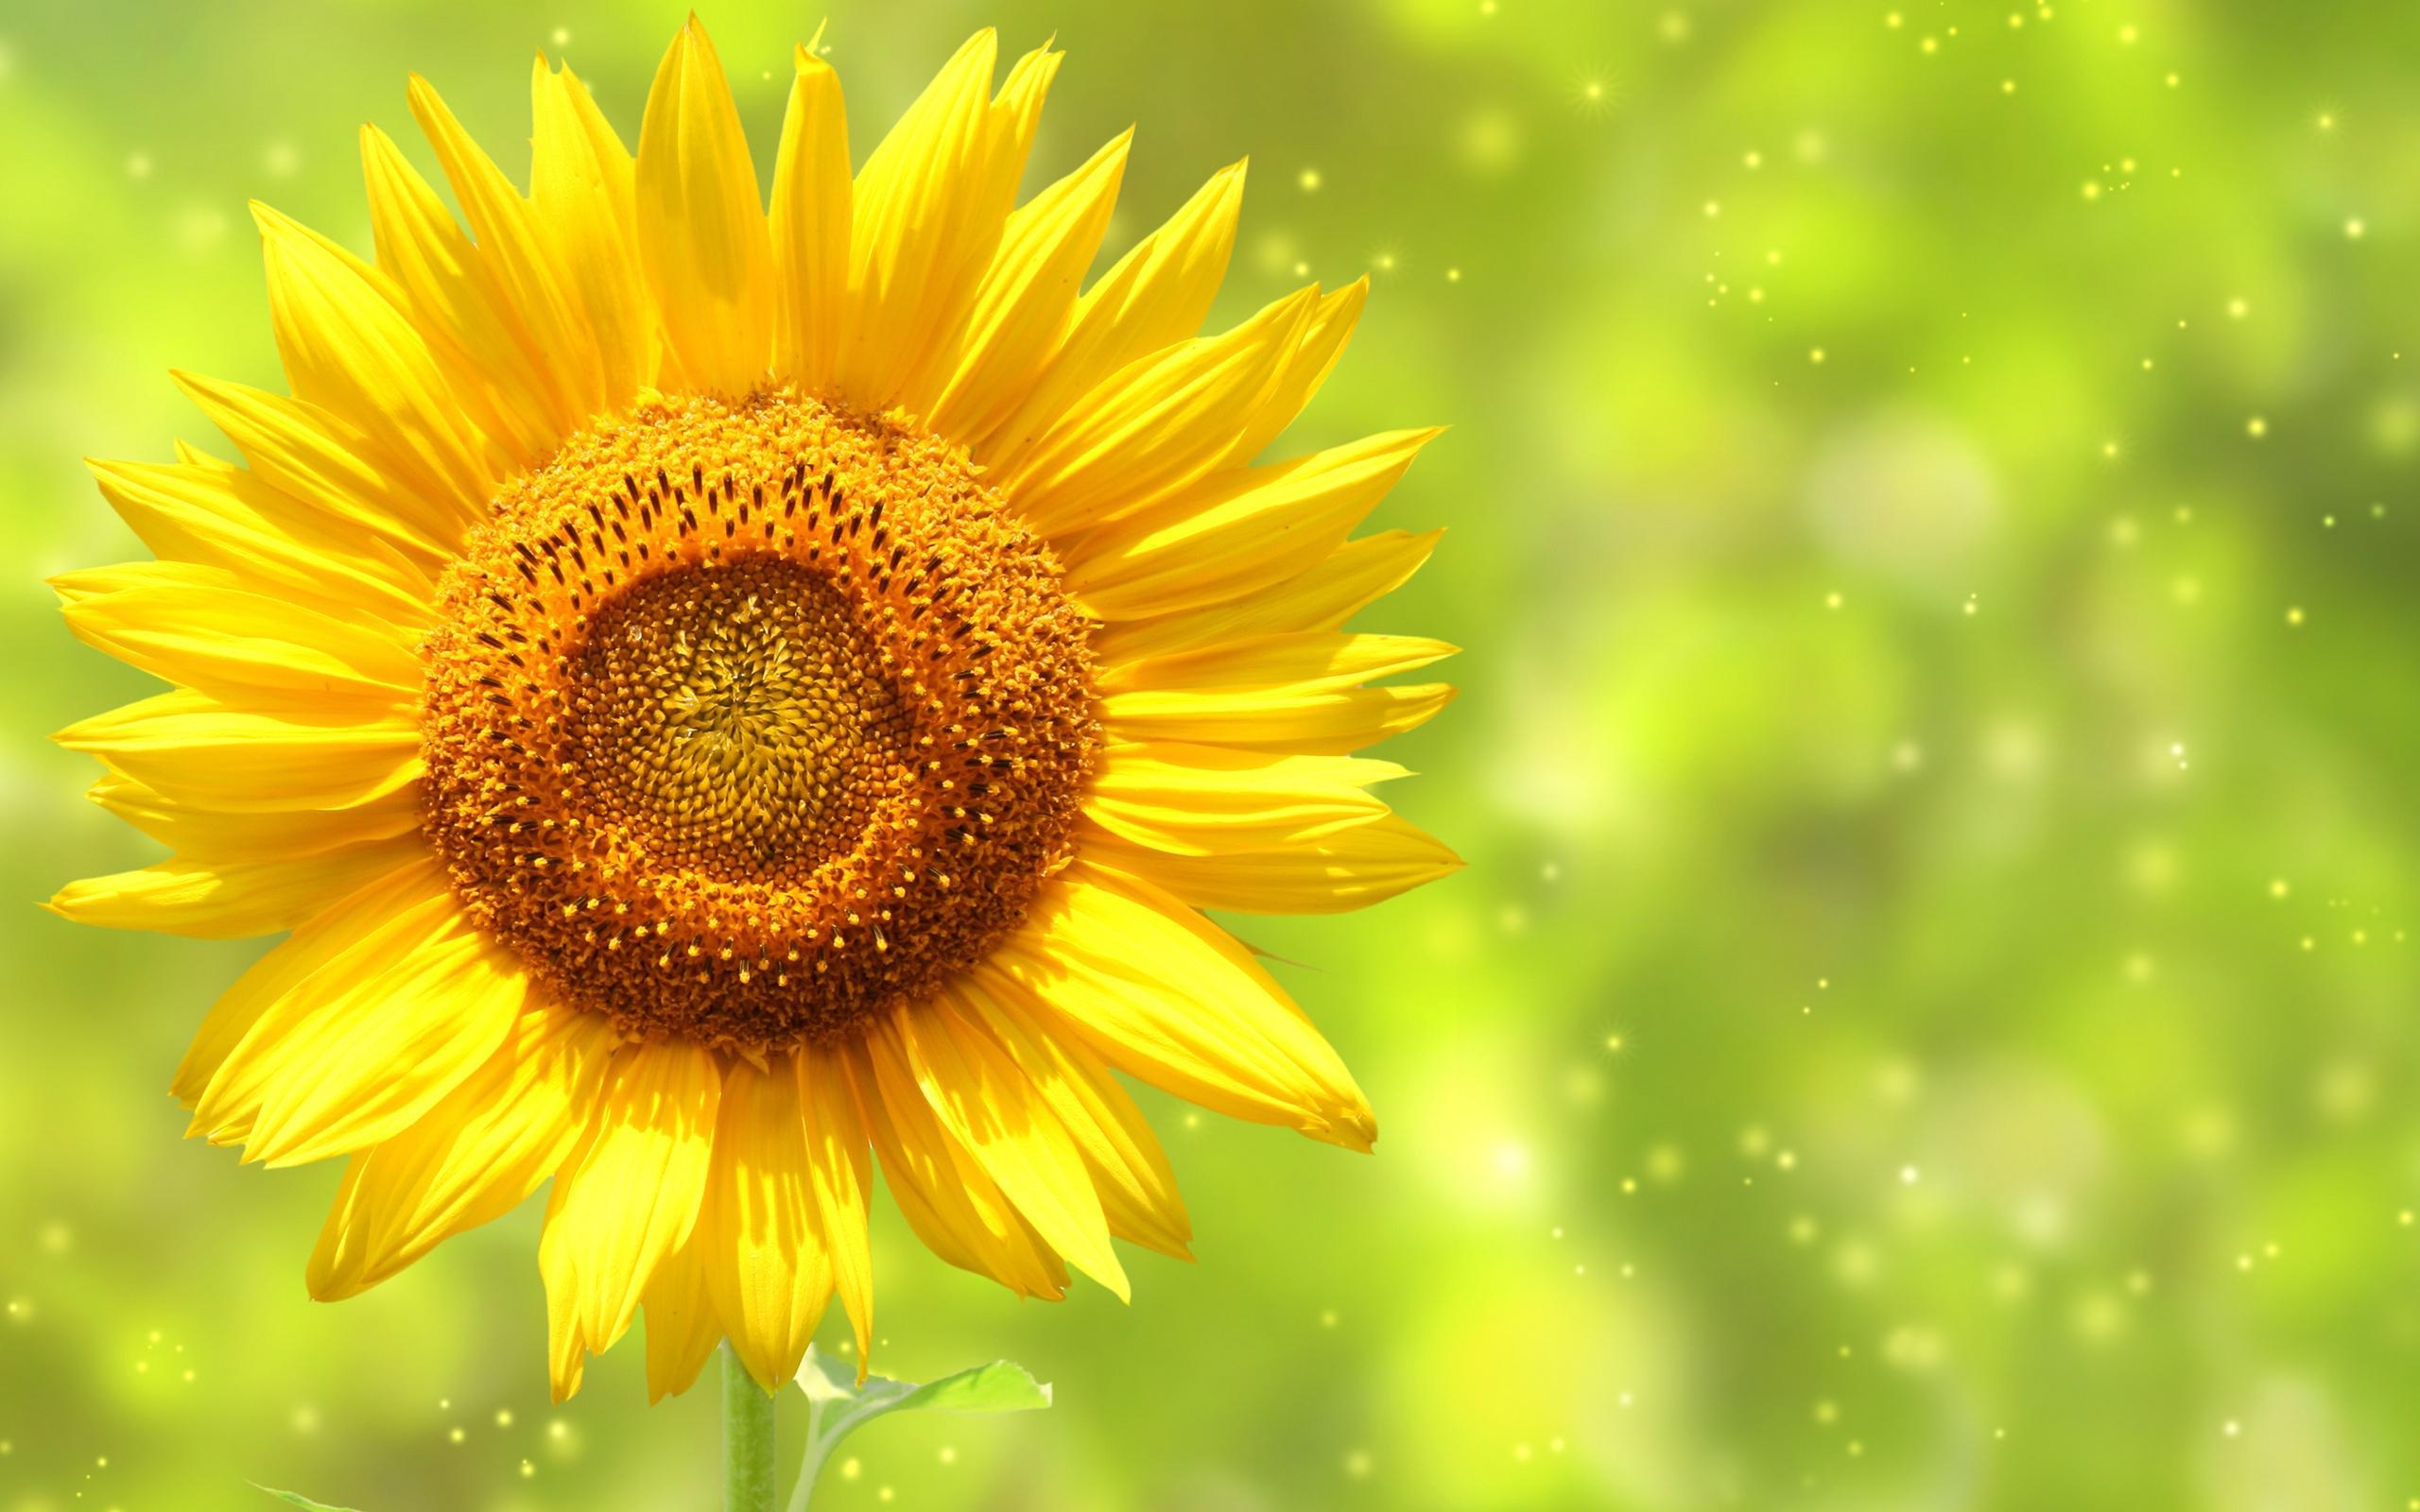 Ảnh đẹp làm nền máy tính - Bông hoa hướng dương rực rỡ